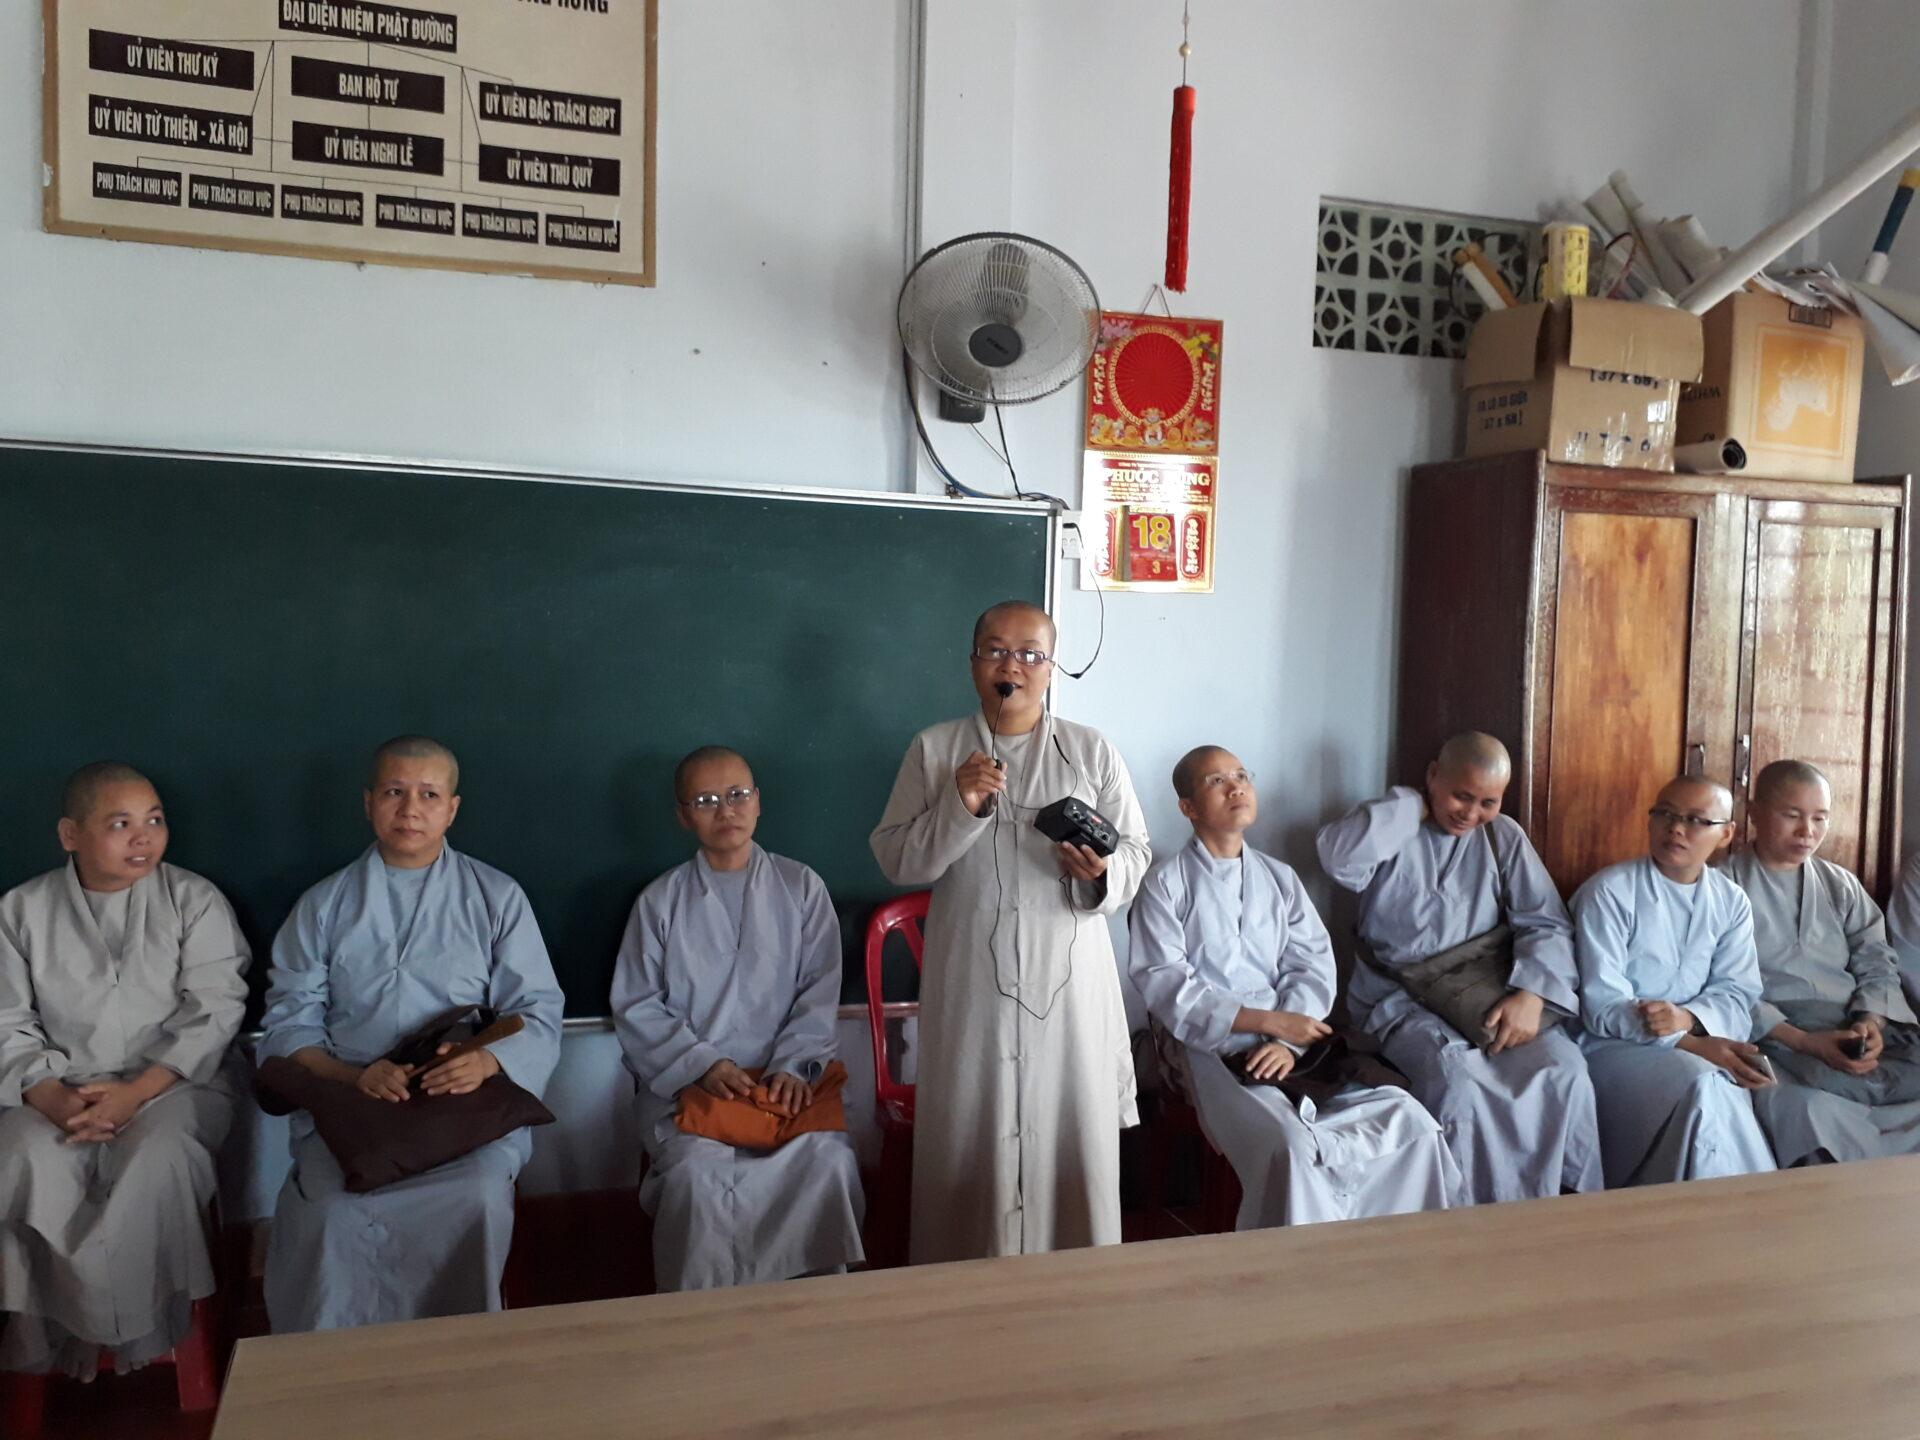 SC.TN. Tuệ Định giáo thọ môn Hán văn